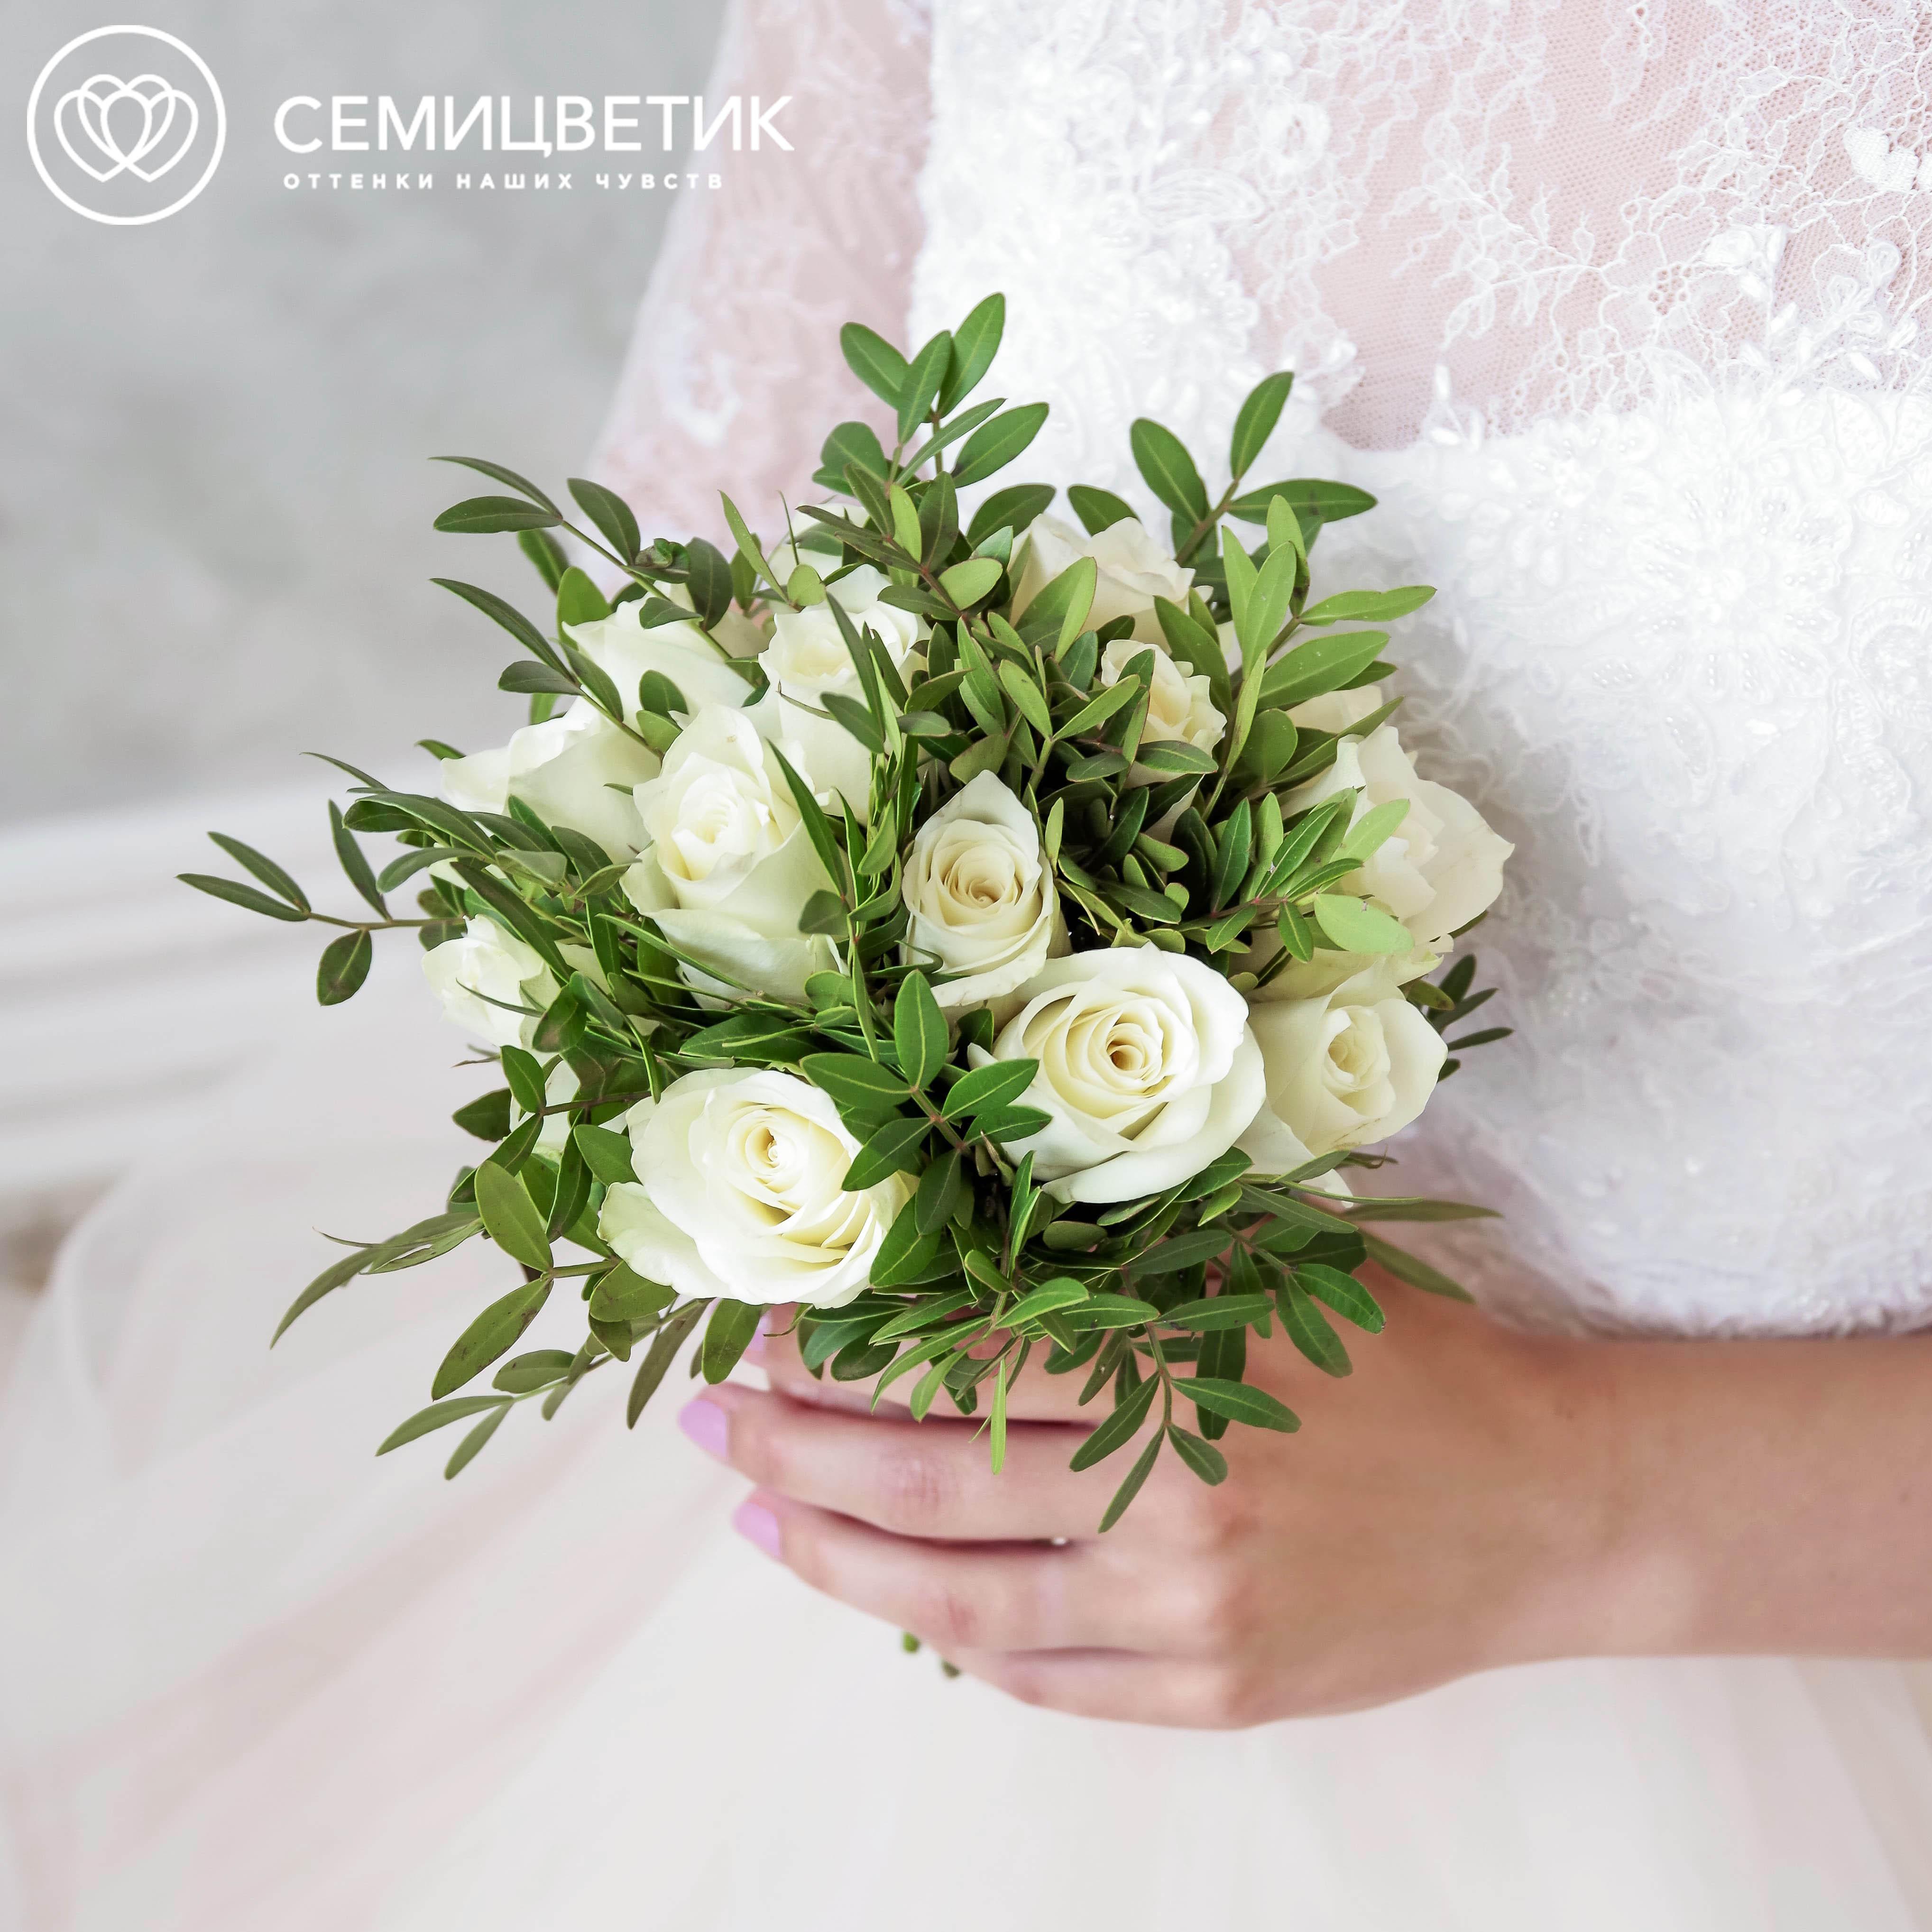 Свадебный букет из кенийской розы и зелени фото